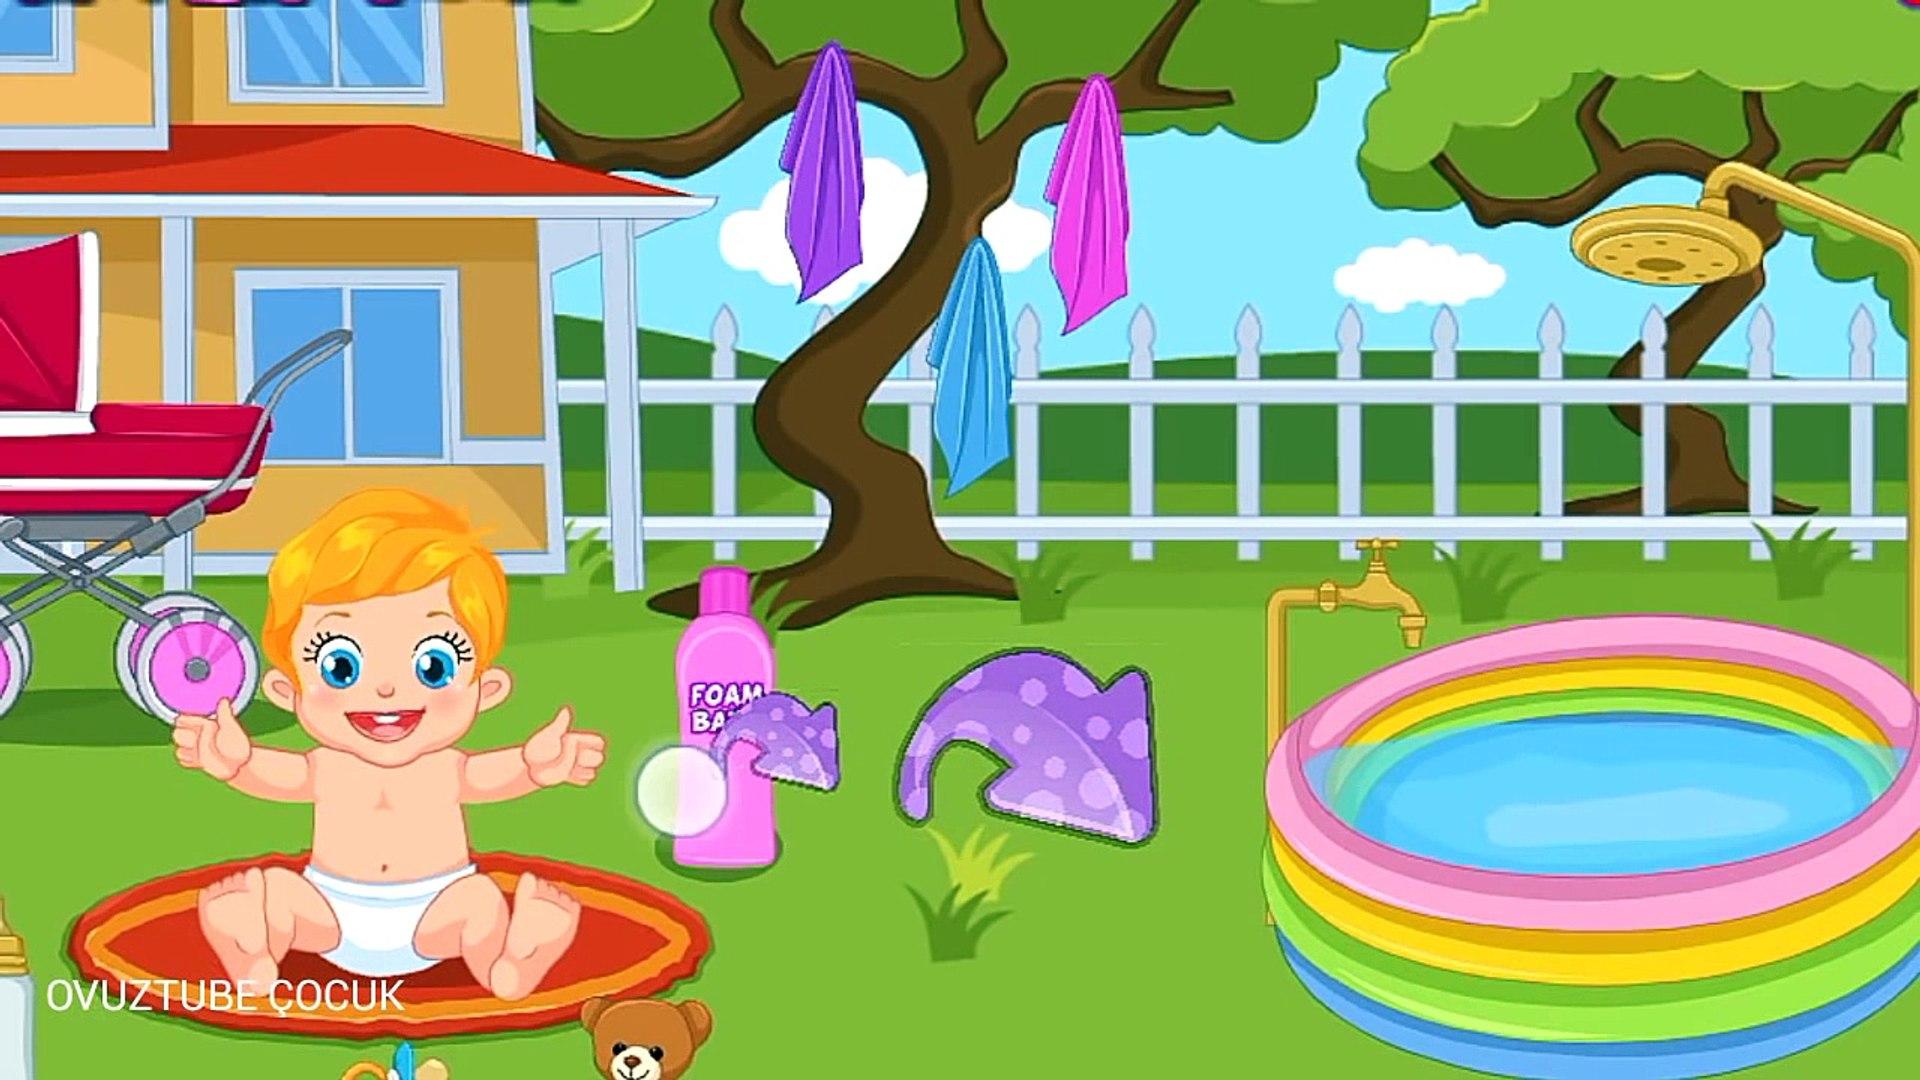 Bebekbebek Oyunubebek Oyunlarıbebek Oyunu Oynaçizgi Filmbebek Oyunları Oynabebek